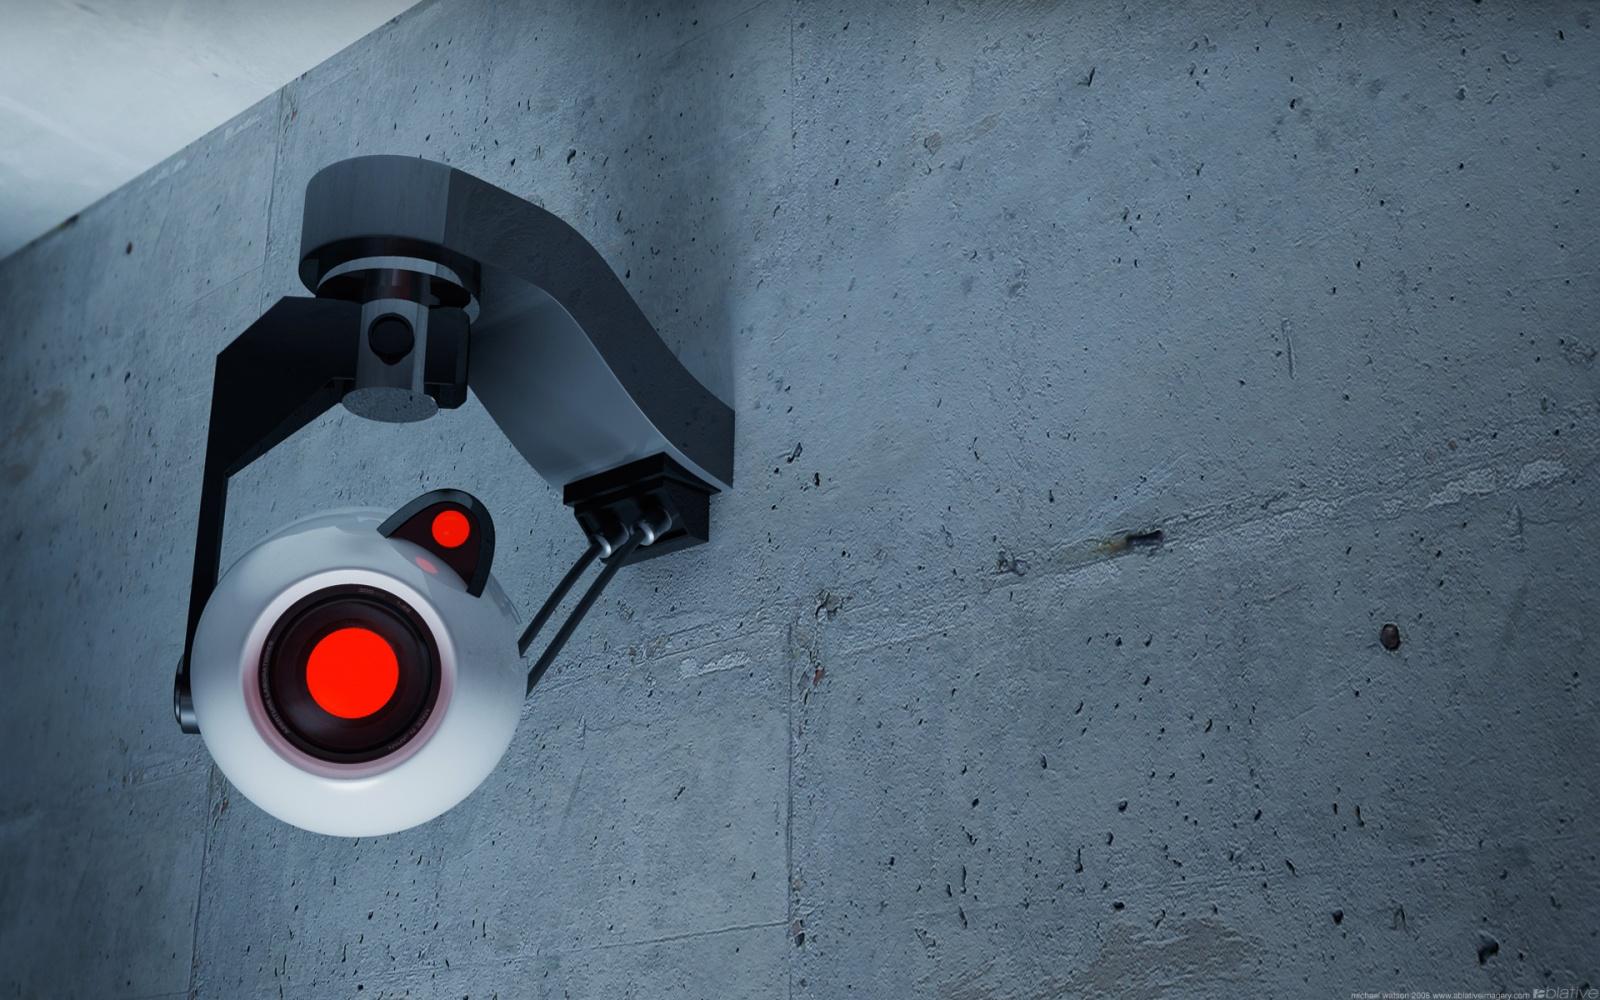 Системы аналогового видеонаблюдения высокой четкости: HDCVI, HDTVI и AHD - 1